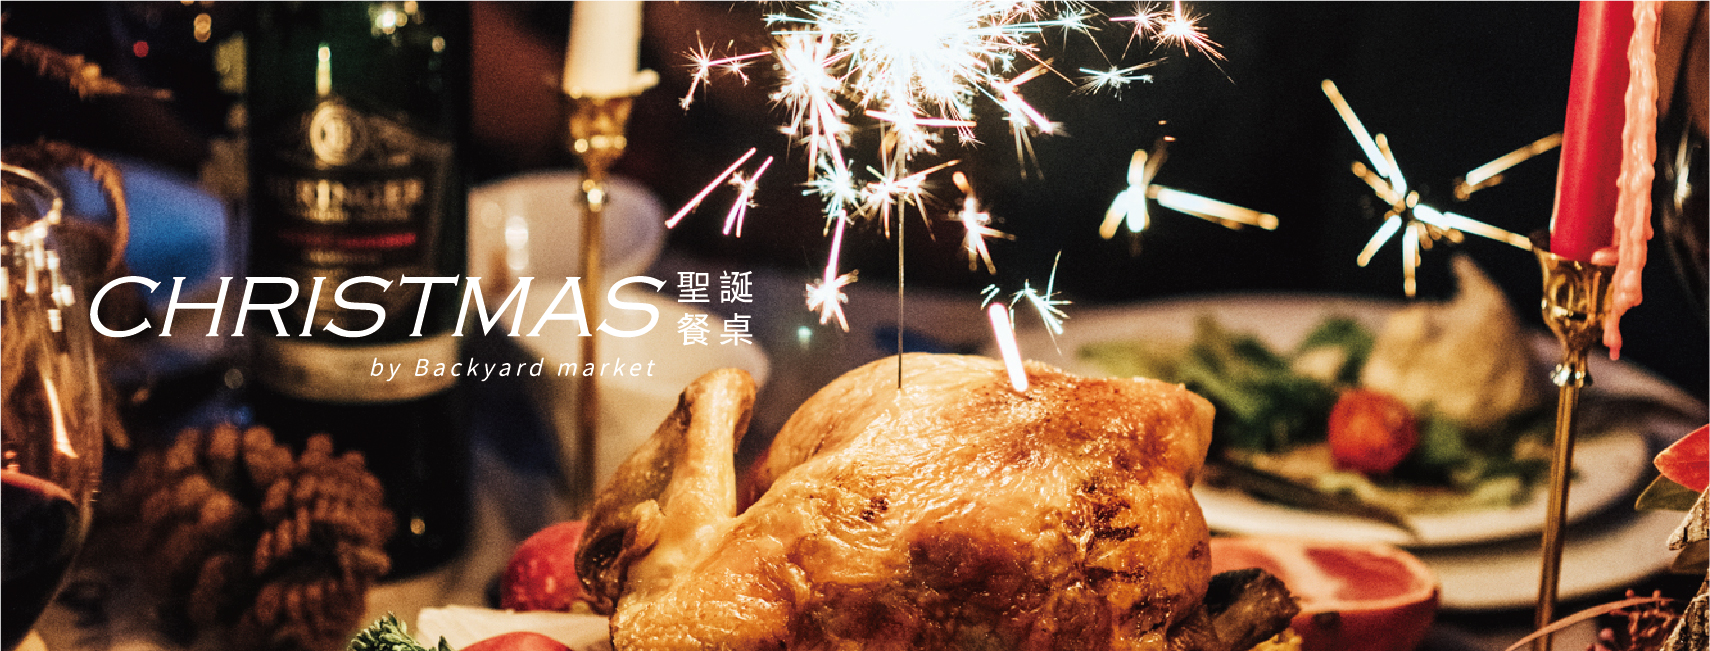 2018-12-05_聖誕餐桌_網站圖宣-01.jpg